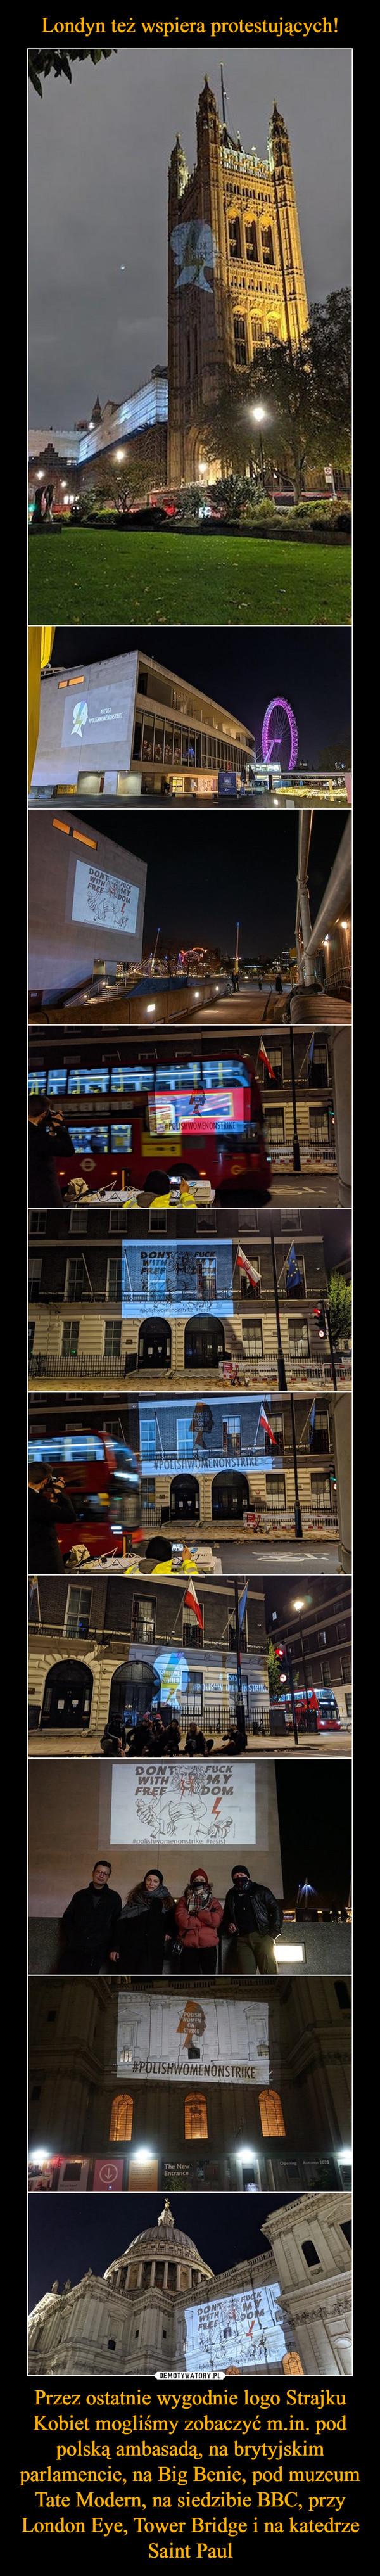 Przez ostatnie wygodnie logo Strajku Kobiet mogliśmy zobaczyć m.in. pod polską ambasadą, na brytyjskim parlamencie, na Big Benie, pod muzeum Tate Modern, na siedzibie BBC, przy London Eye, Tower Bridge i na katedrze Saint Paul –